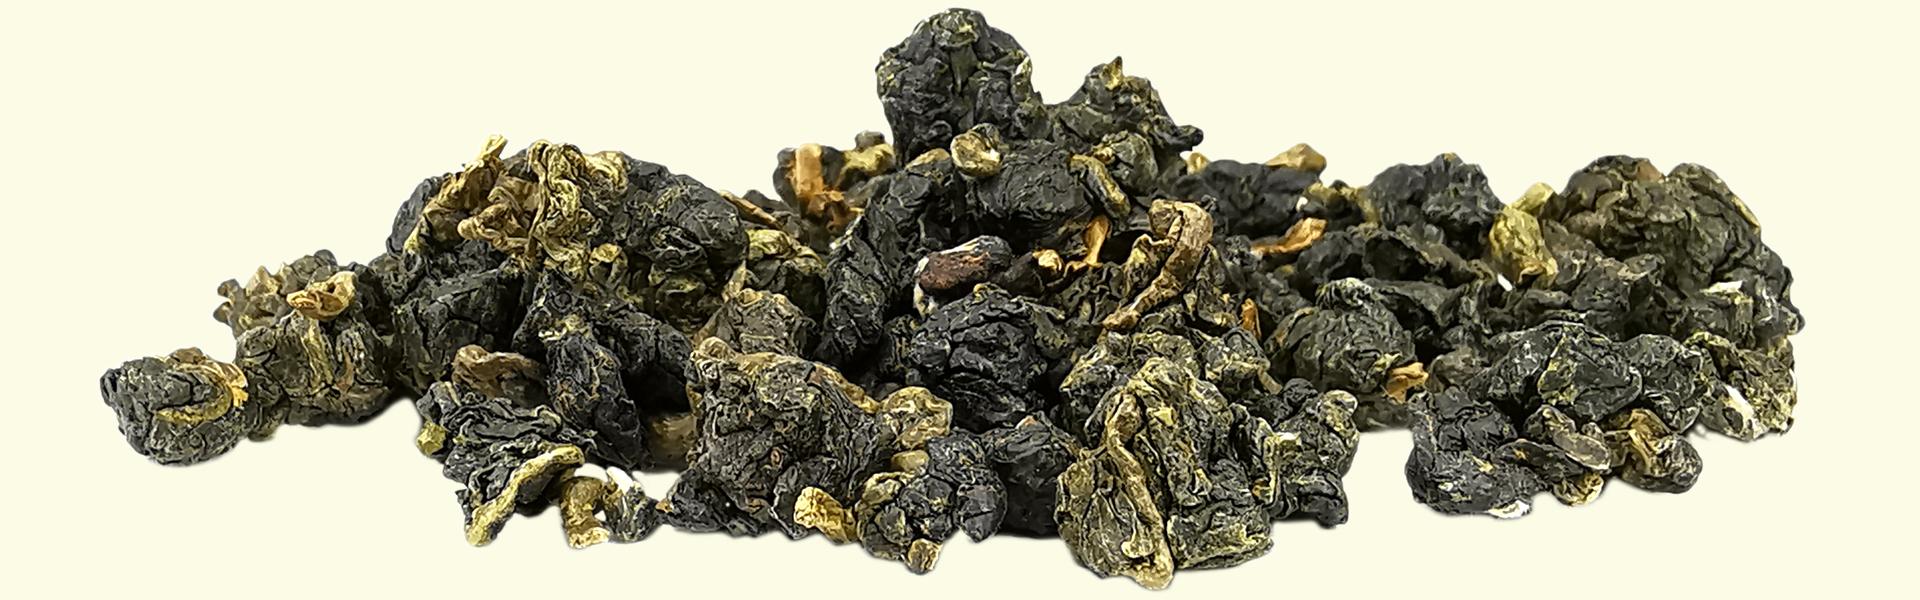 Le thé Oolong #17 Gan-on en feuilles roulées est destiné à être infusé plusieurs fois de suite pour savourer l'évolution de son goût & de ses arômes jusqu'à déploiement complet des feuilles.